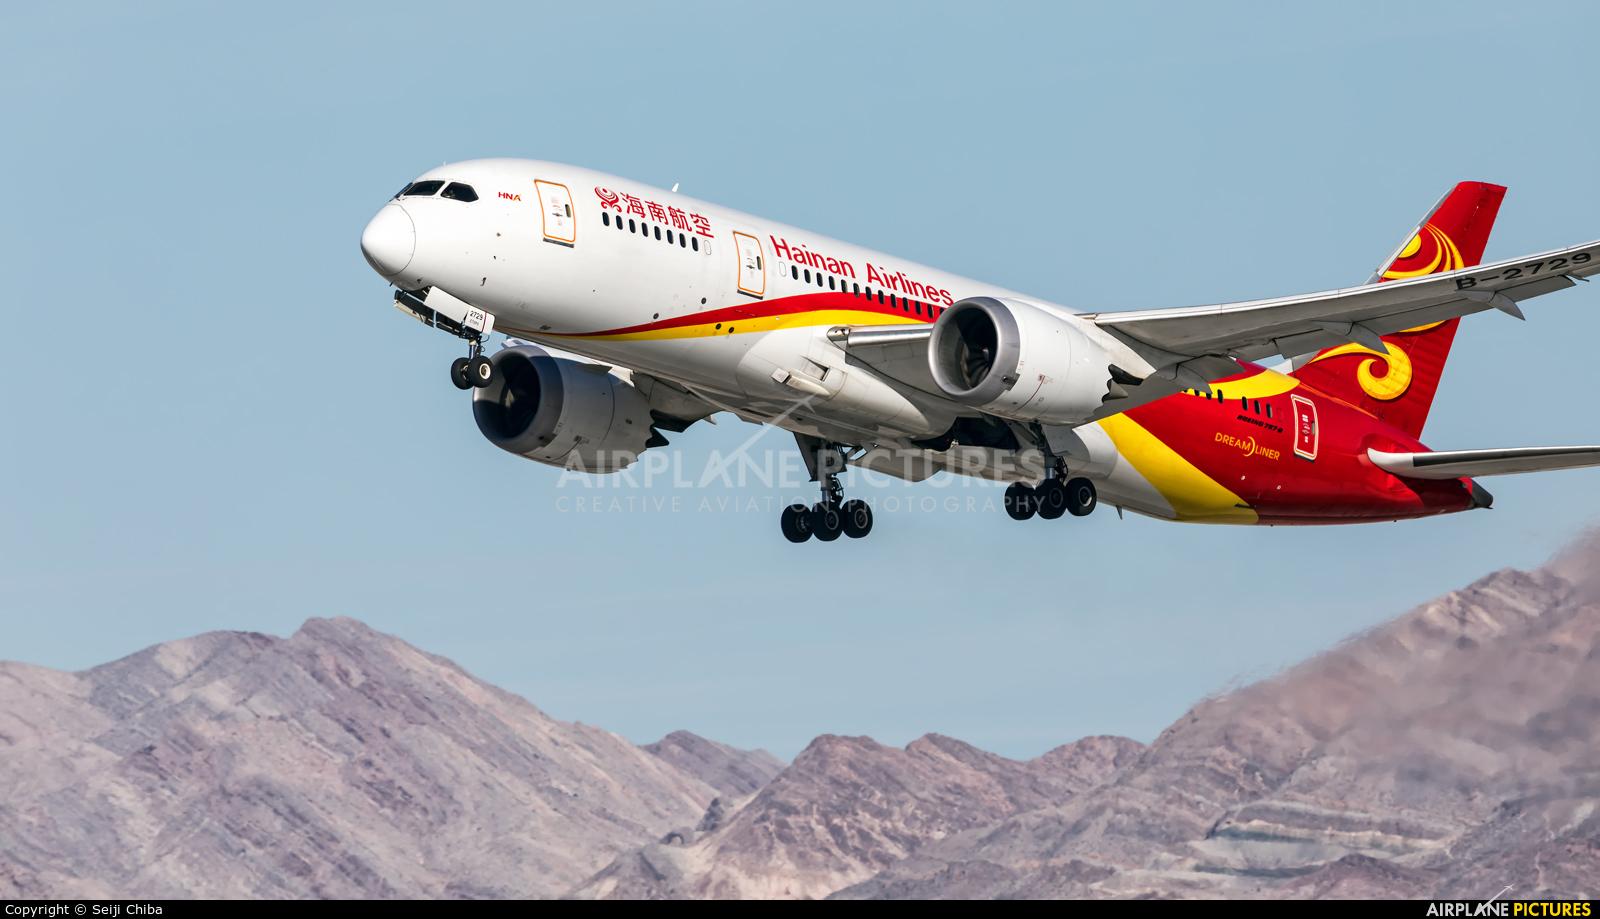 Hainan Airlines B-2729 aircraft at Las Vegas - McCarran Intl